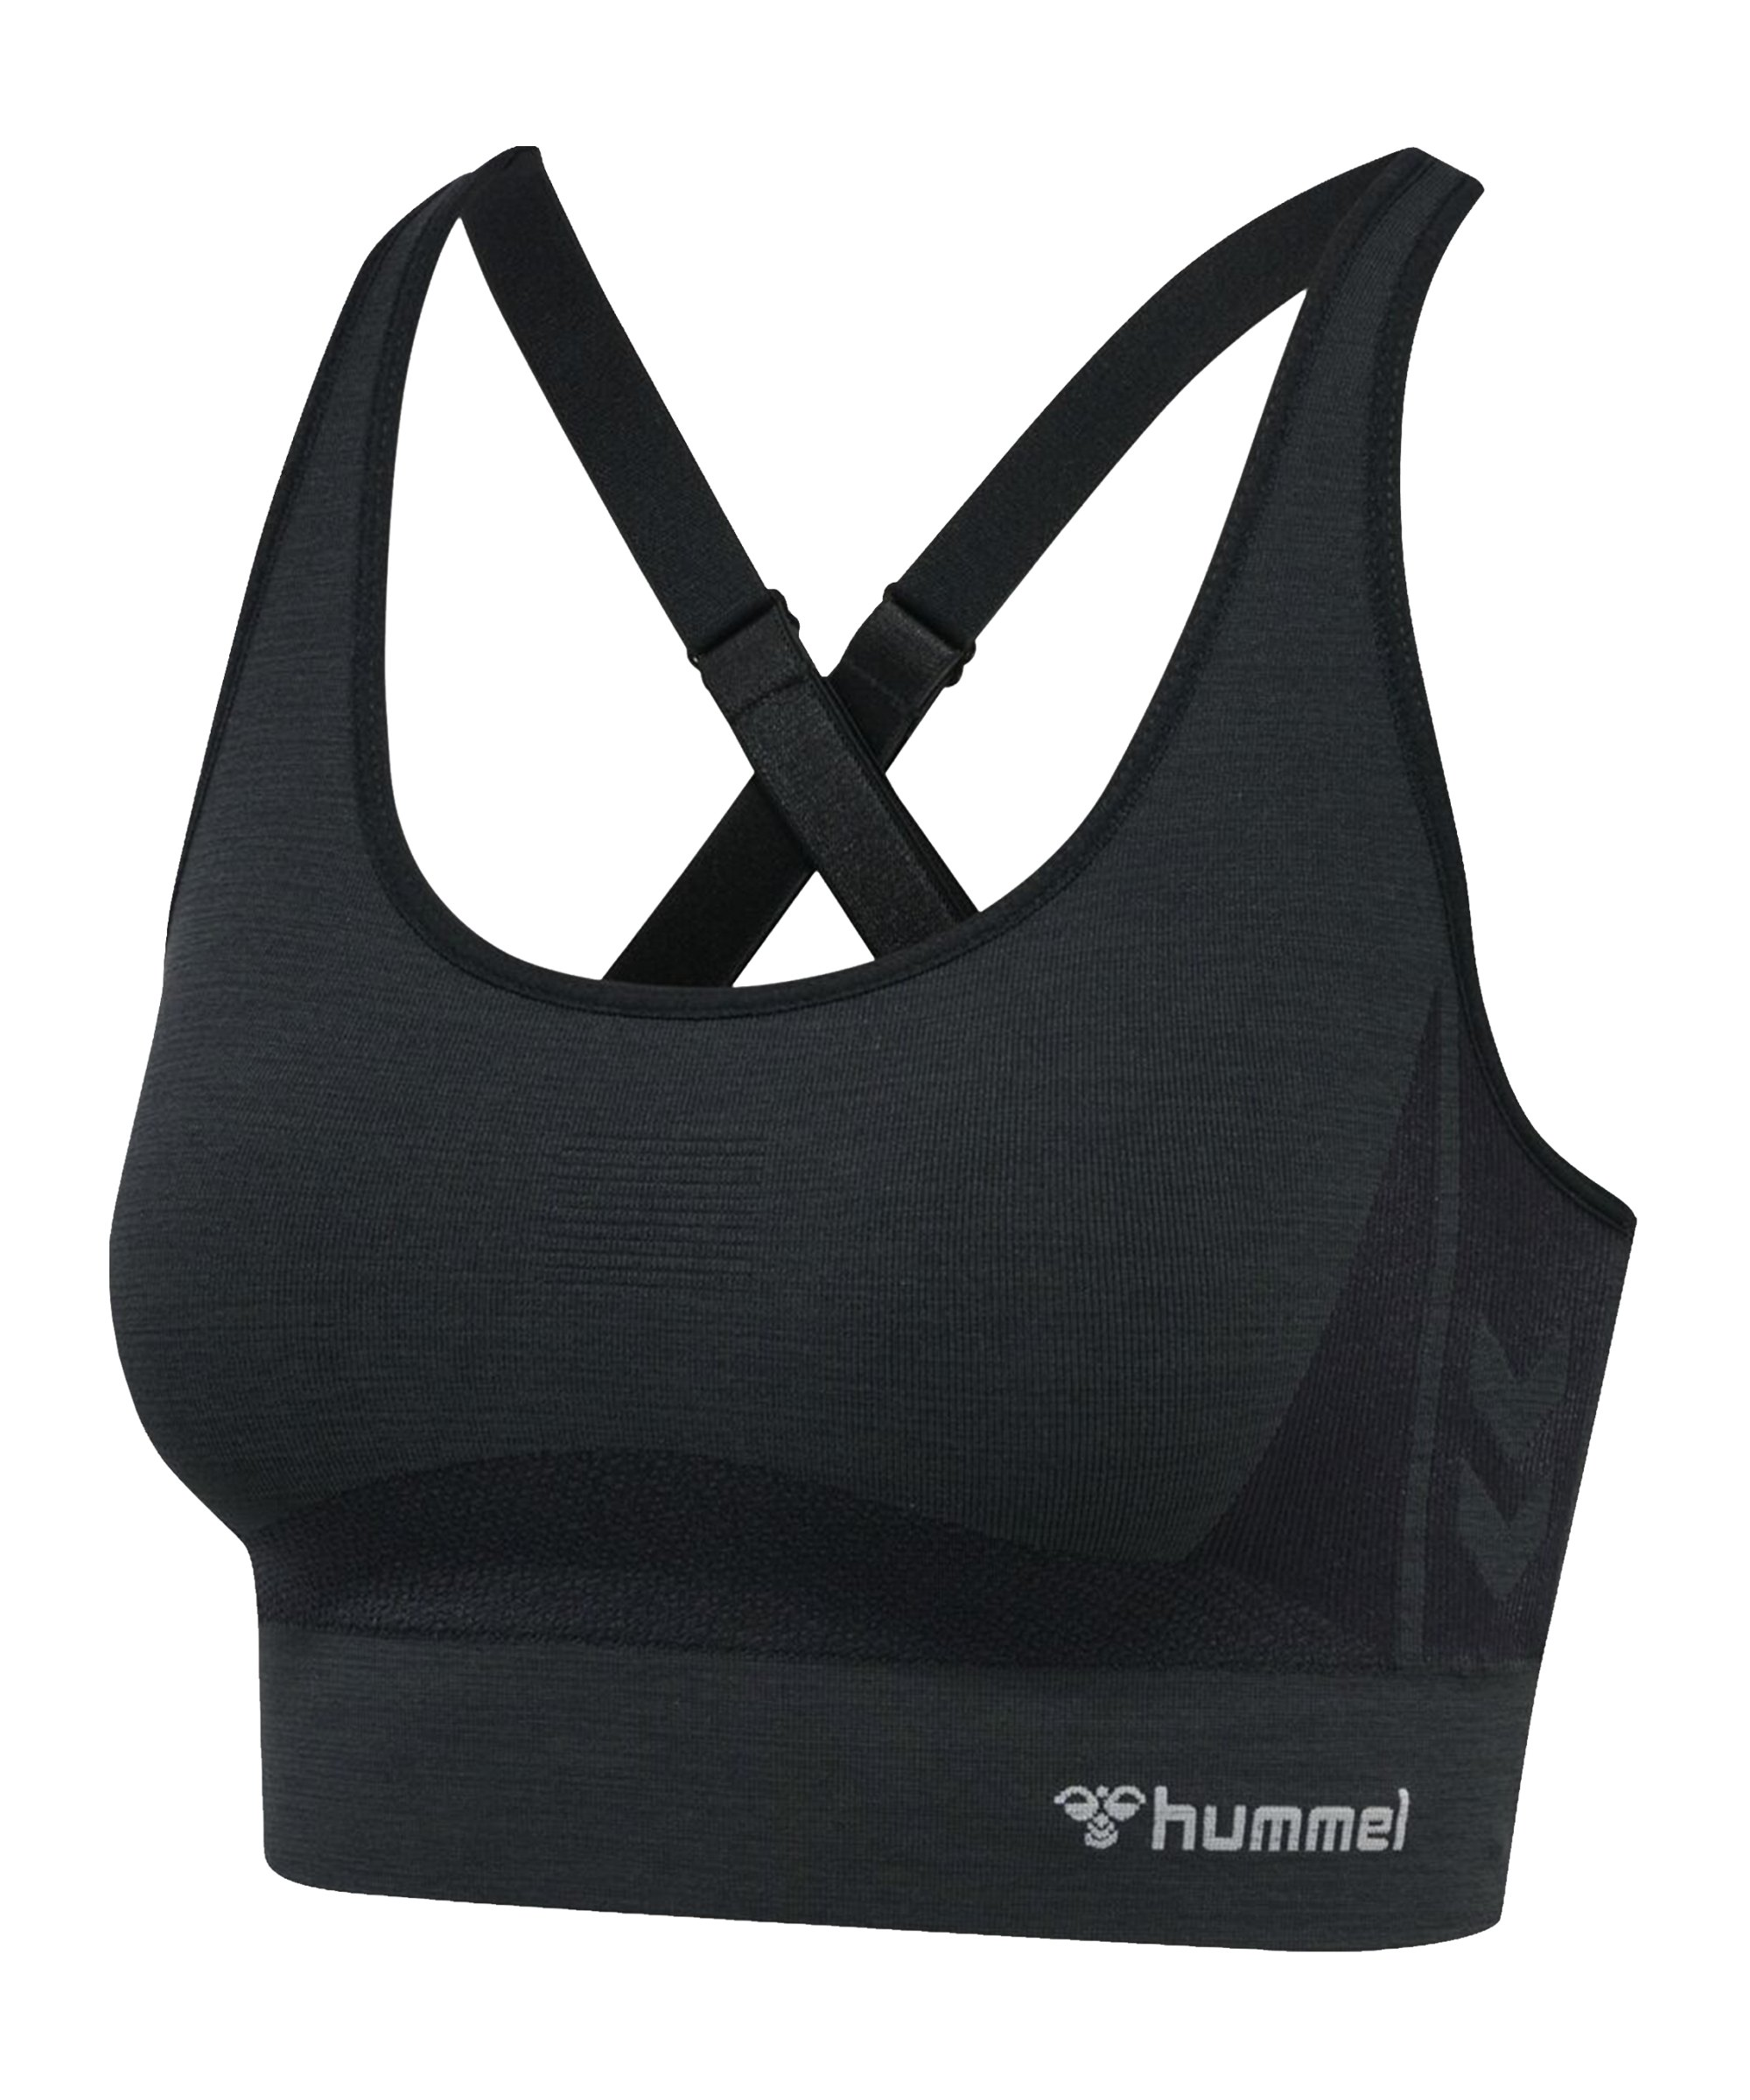 Hummel hmlcea Seamless Sports Top Damen F2508 - schwarz